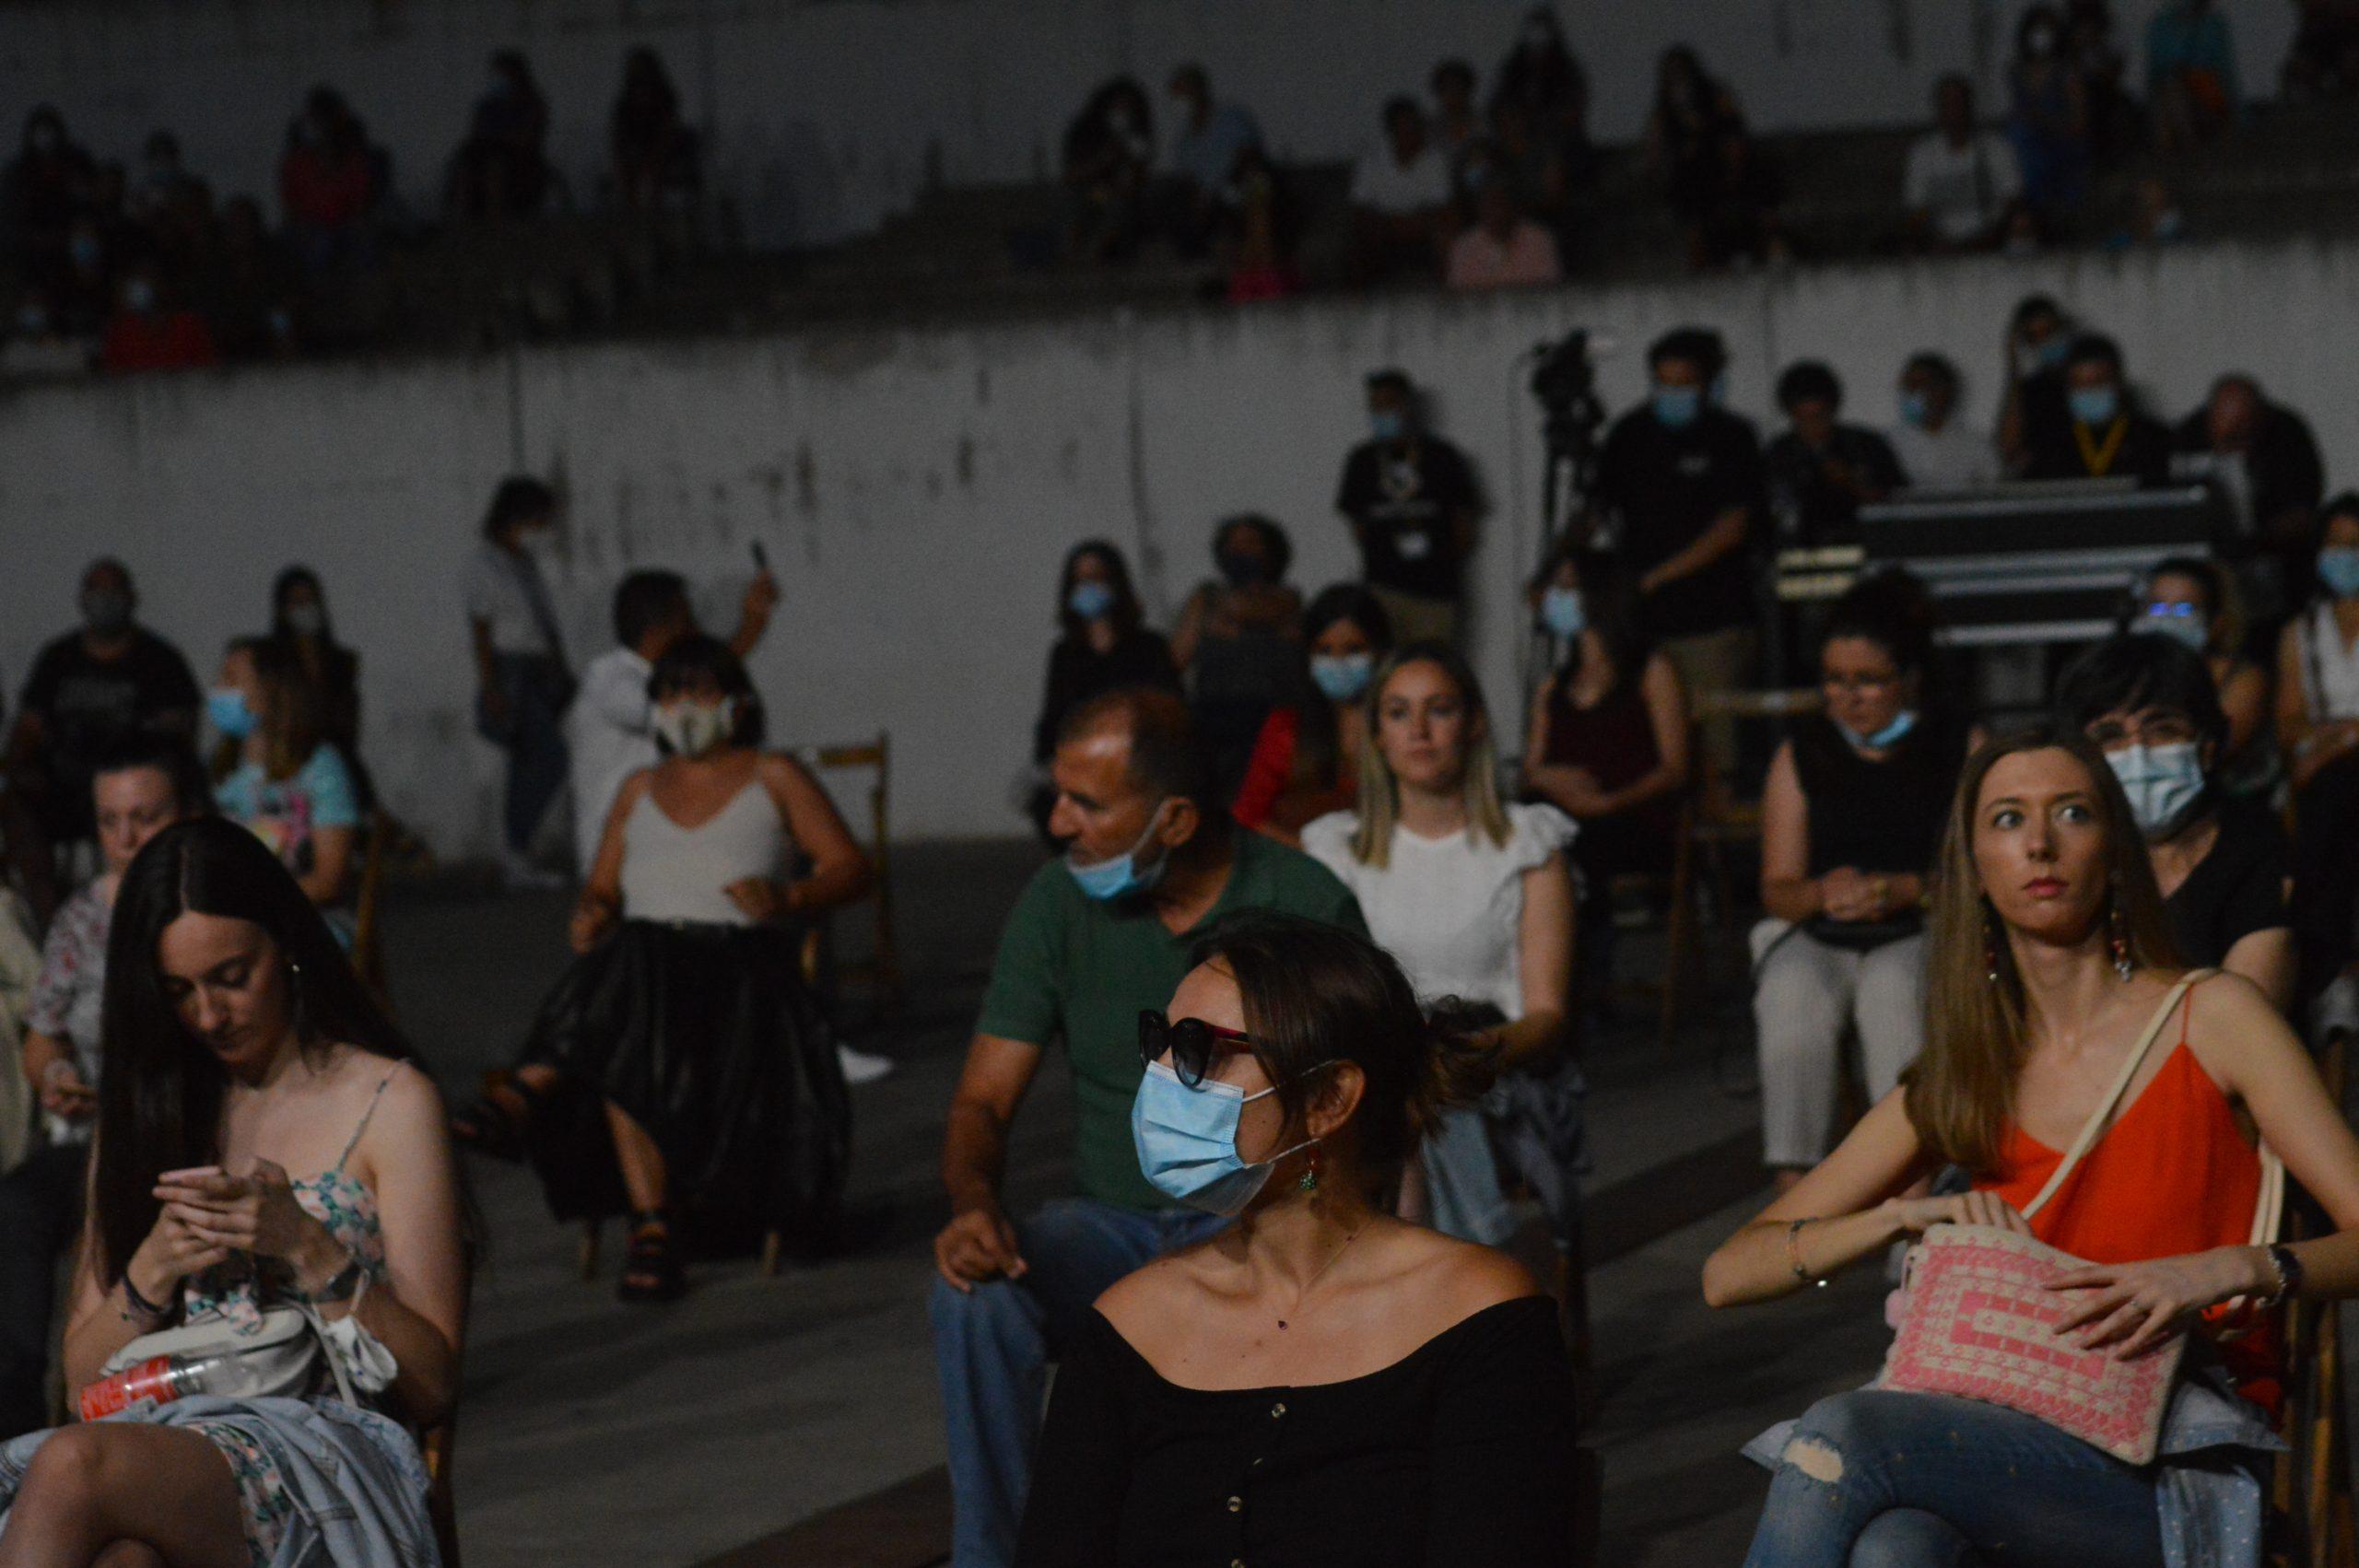 Concierto de Amaral en el verano #ponferradateabraza, la cercanía del dúo zaragozano alejó la distancia social 5